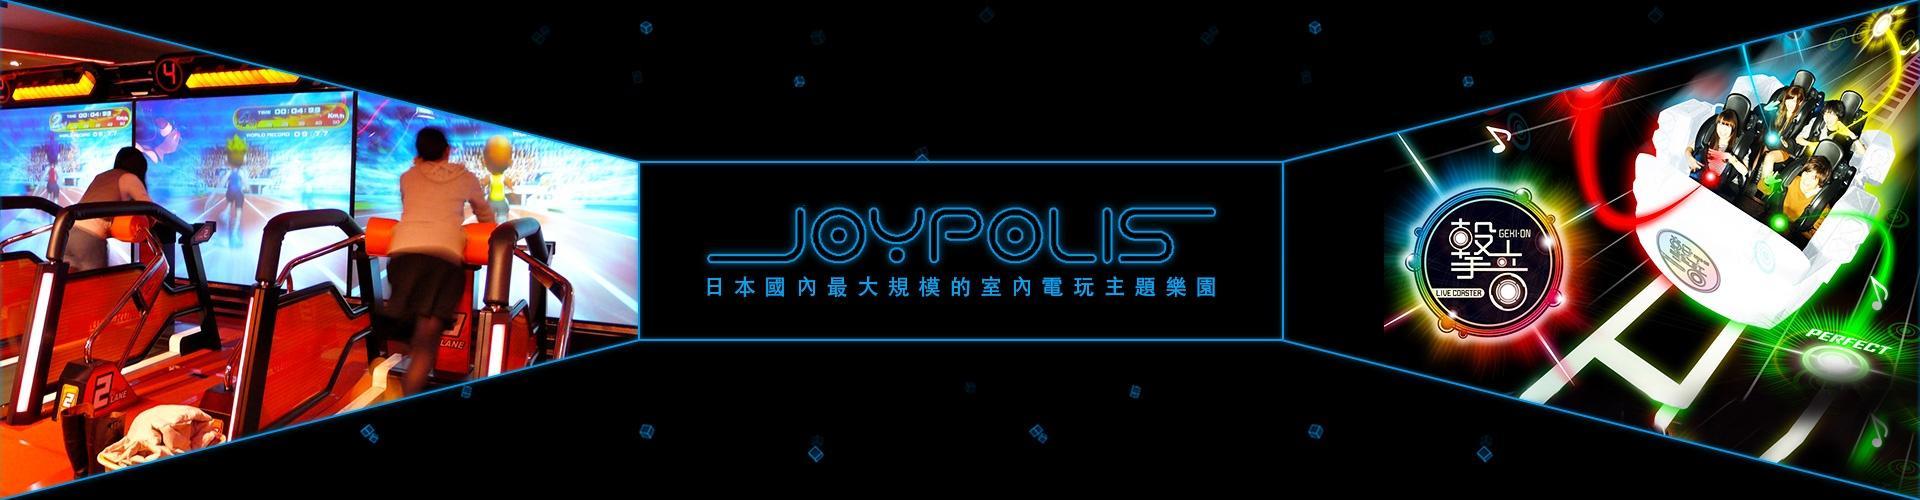 東京JOYPOLIS室內樂園 1天通行證 Tokyo Joypolis Passport